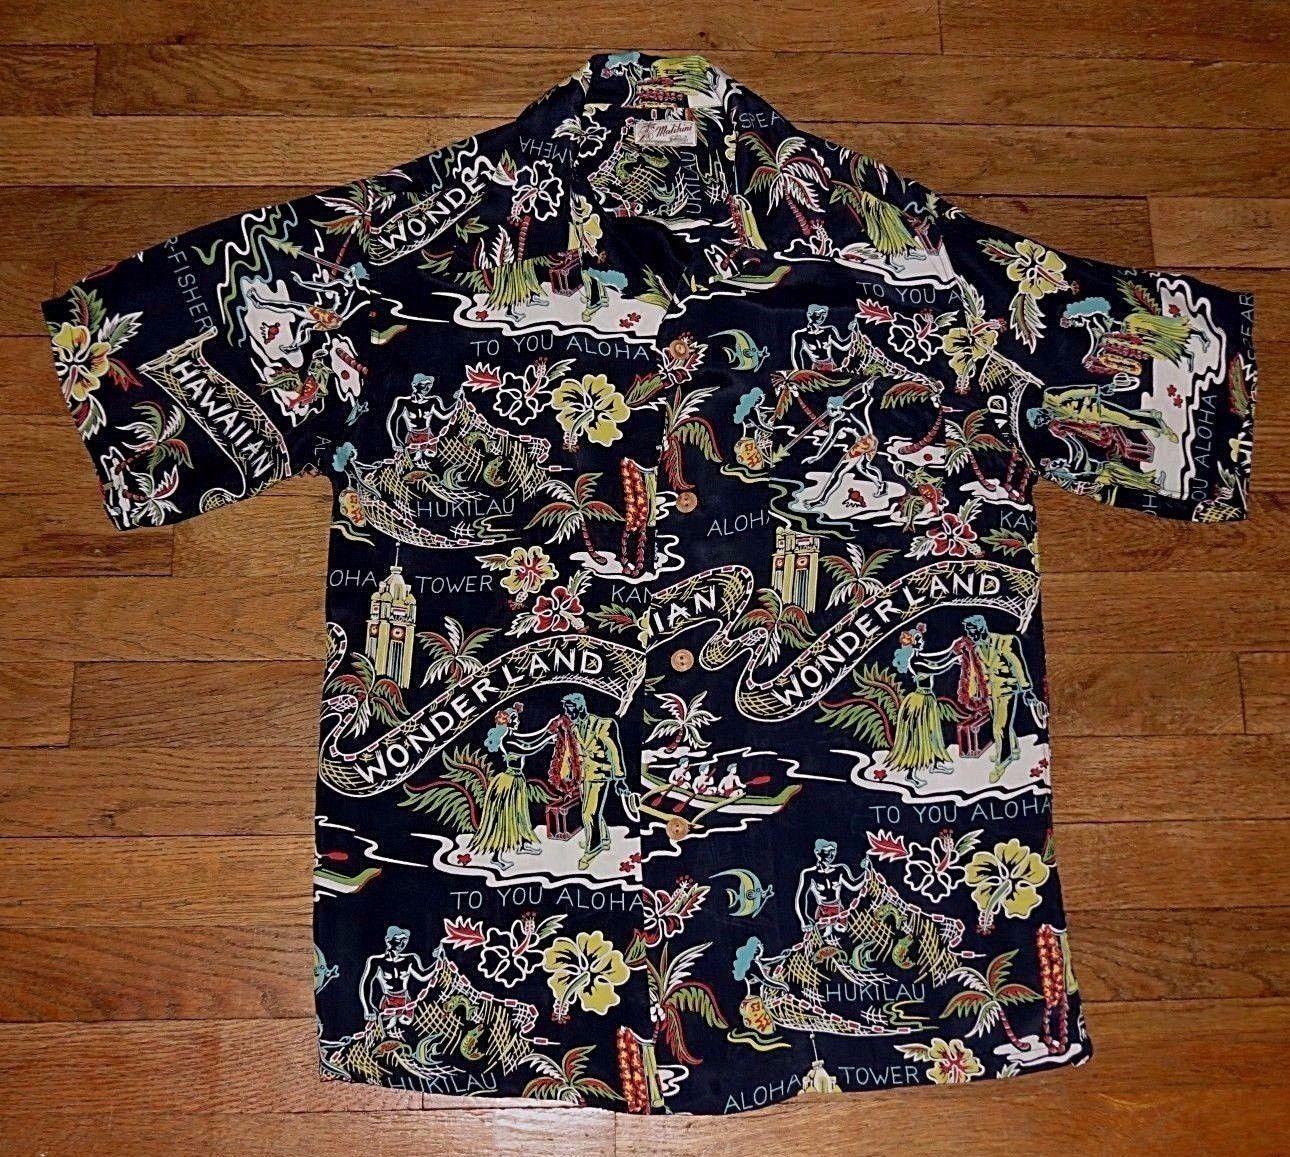 1855799b Malihini, Rayon - Hawaiian Wonderland, Black Vintage Hawaiian Shirts, Aloha  Shirt, 50s